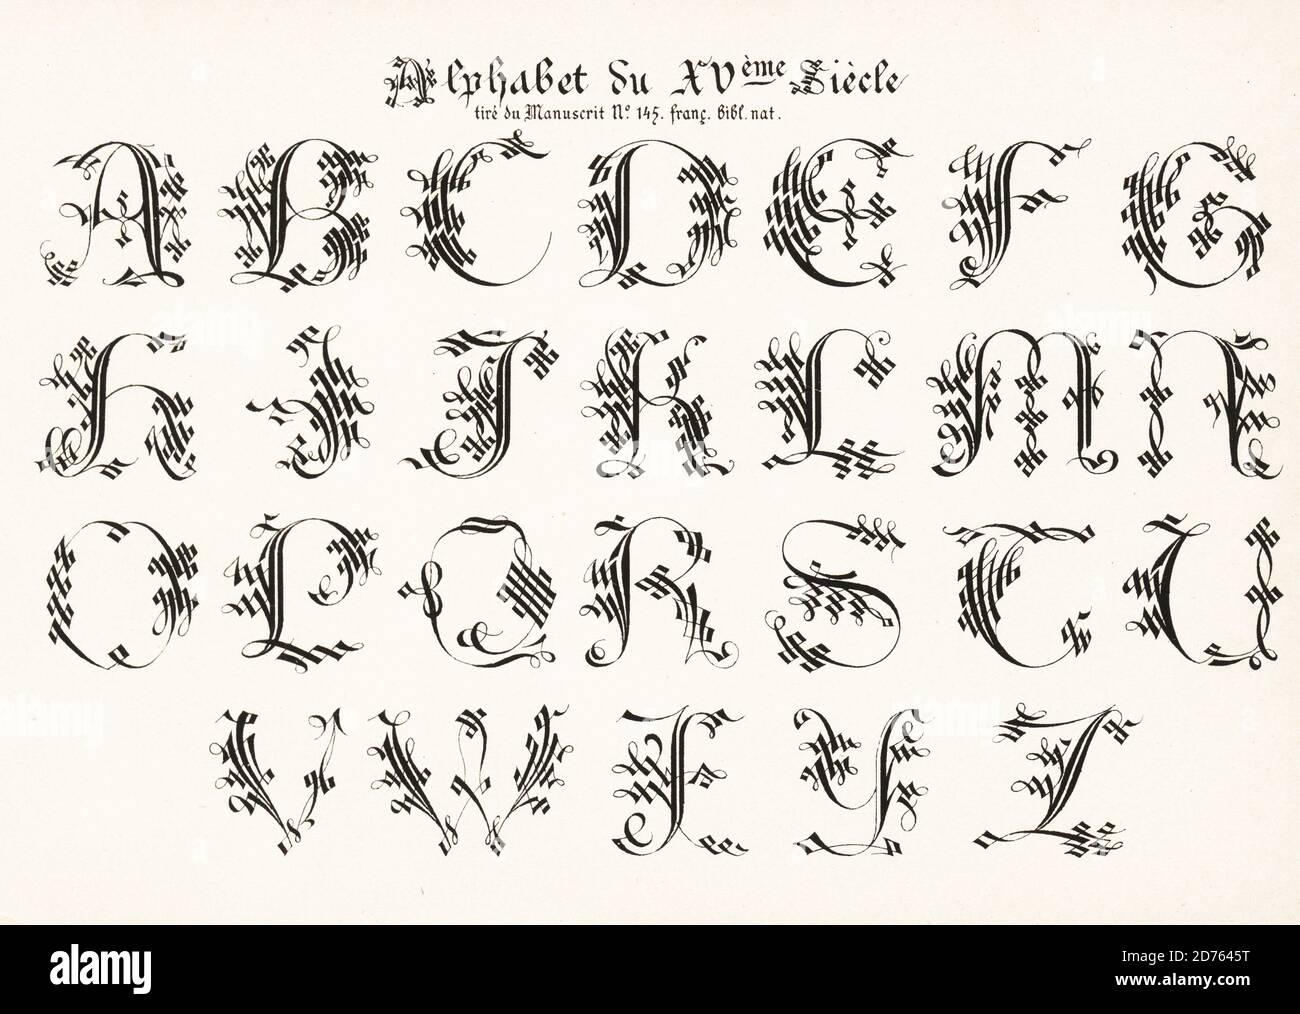 Medieval manuscript font